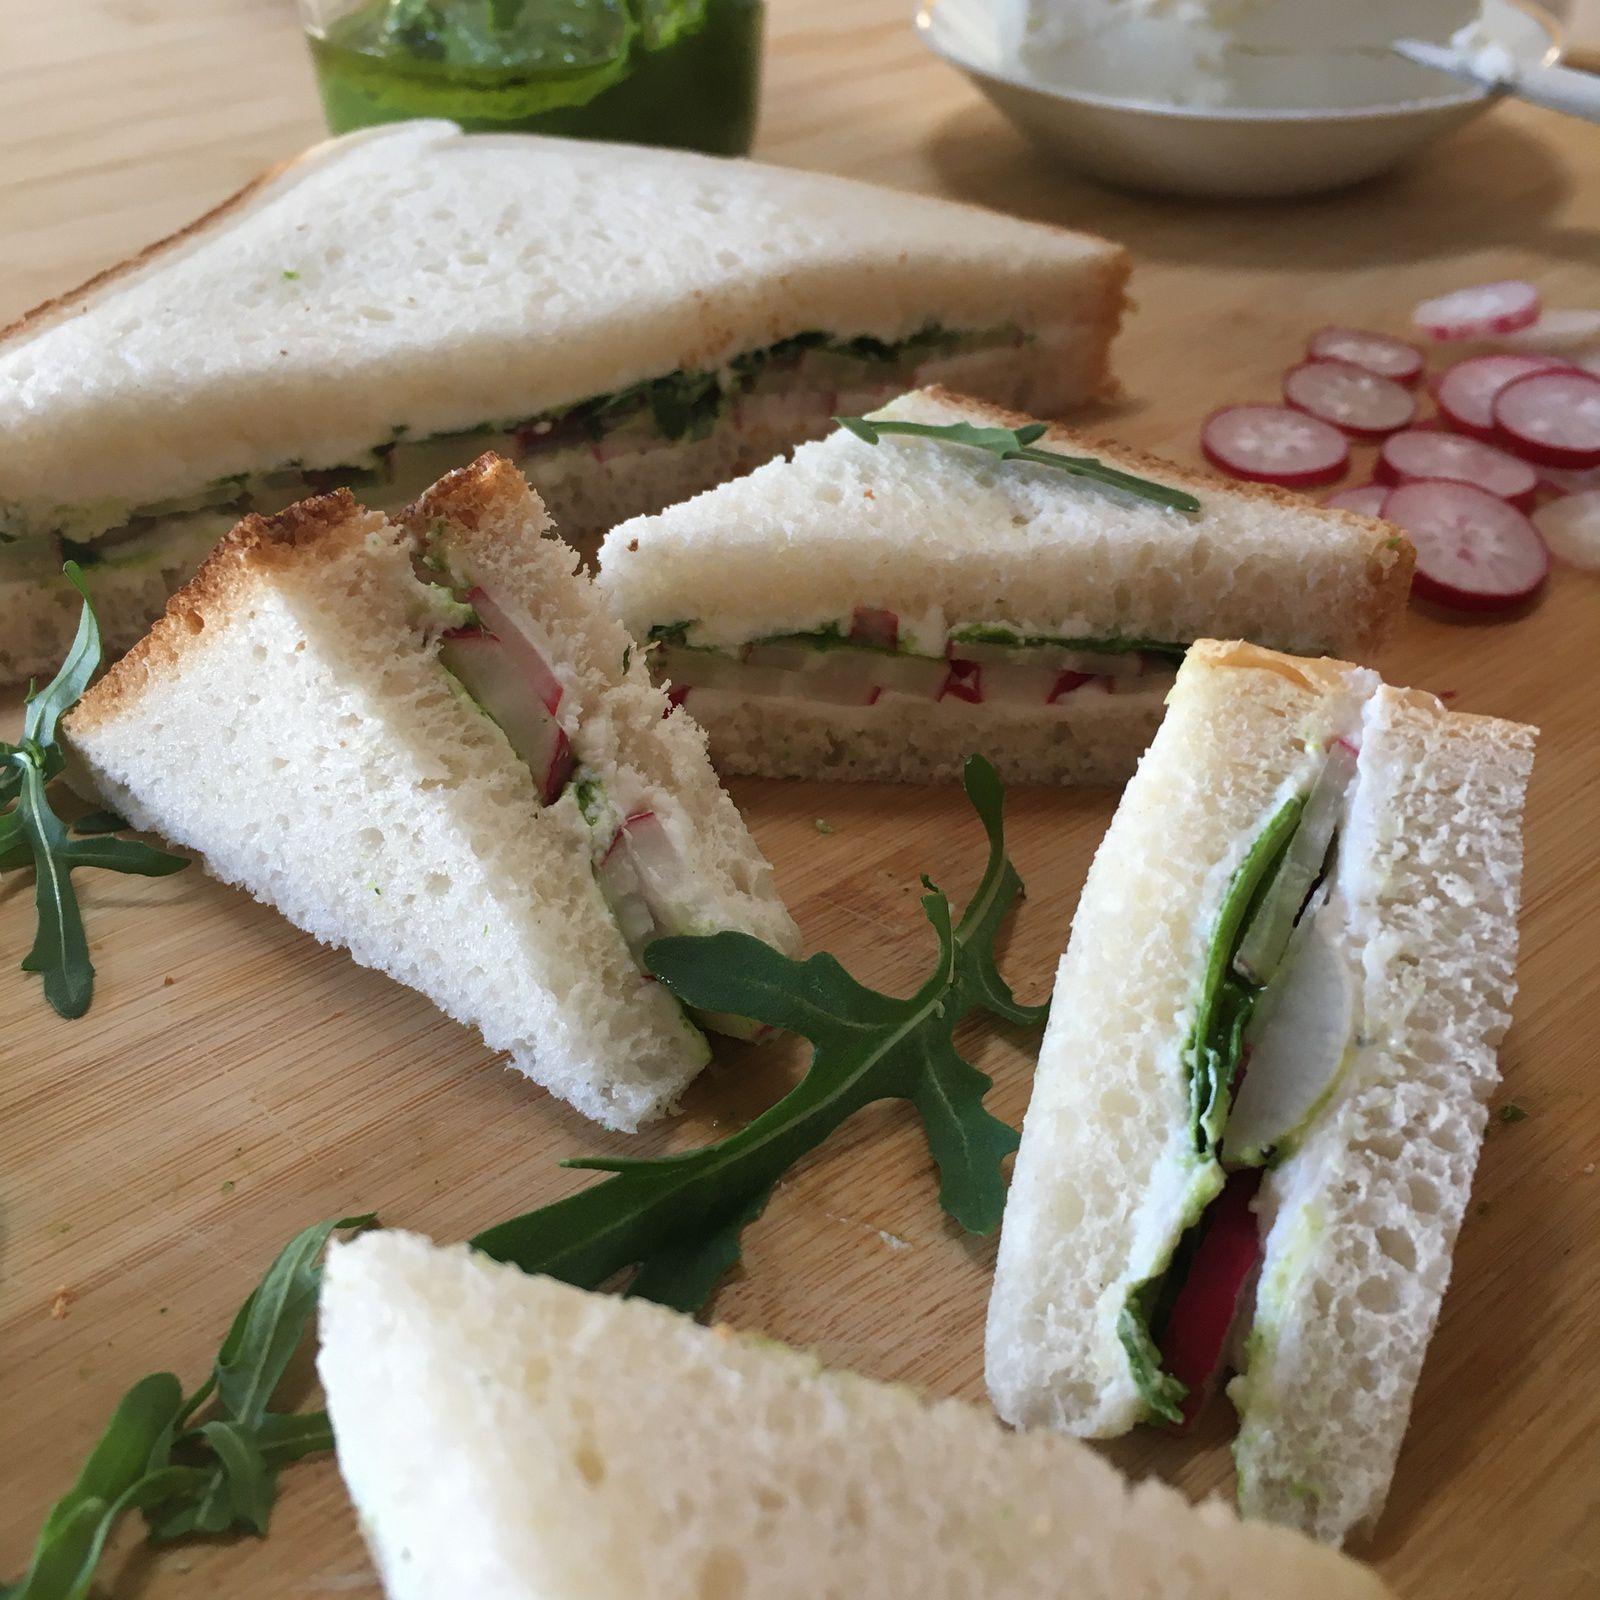 Pesto de roquette et club sandwich printanier aux radis et chèvre frais